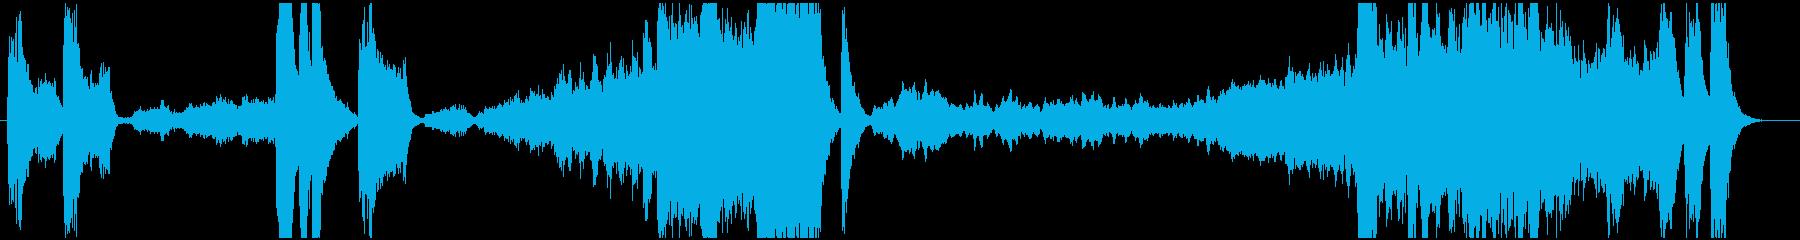 交響曲第5番 運命のオーケストラです。の再生済みの波形